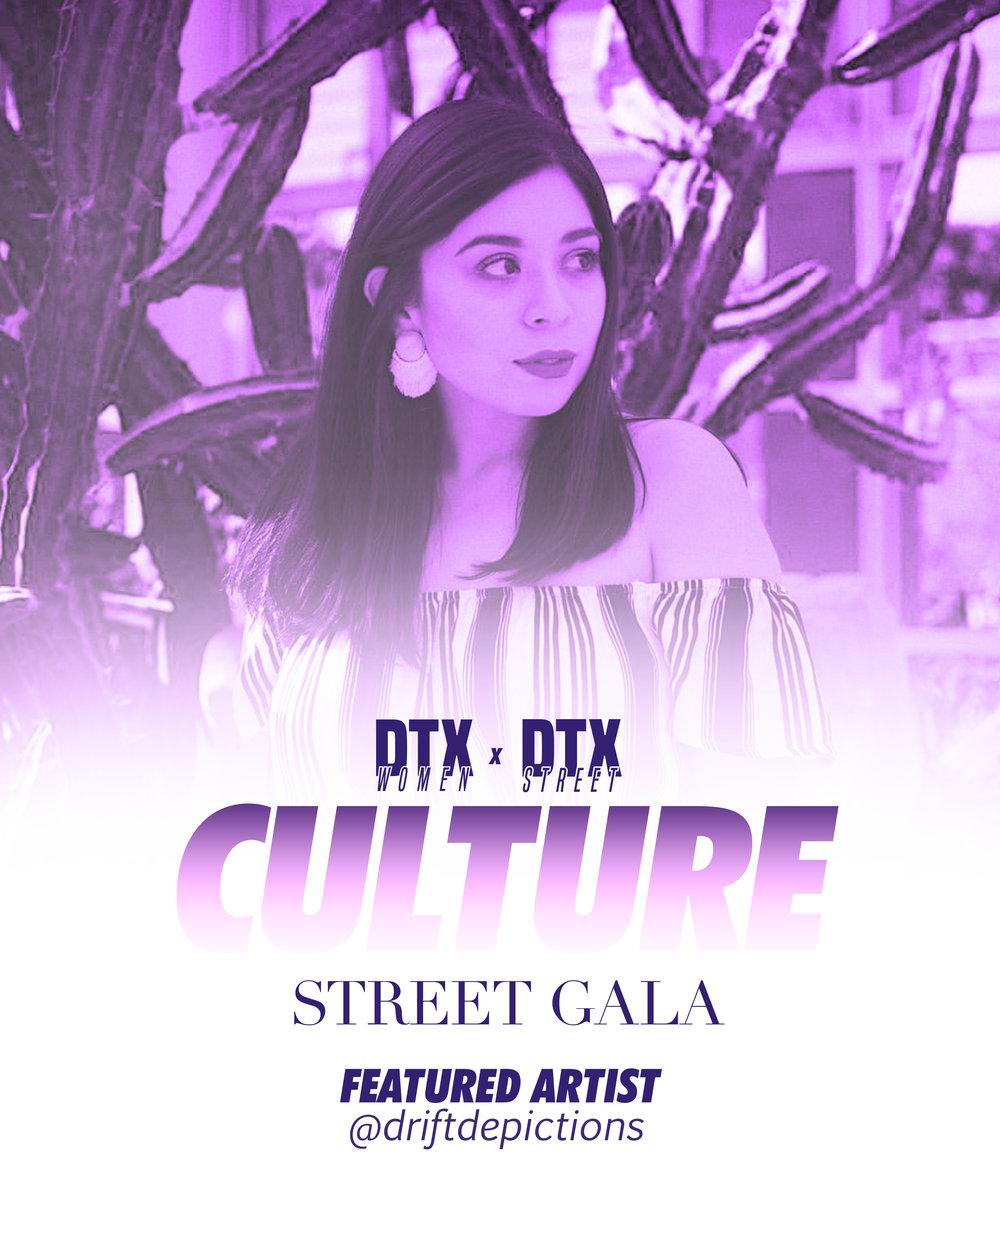 CULTRE_STREET_GALA_DRIFTDEPICTIONS.JPG